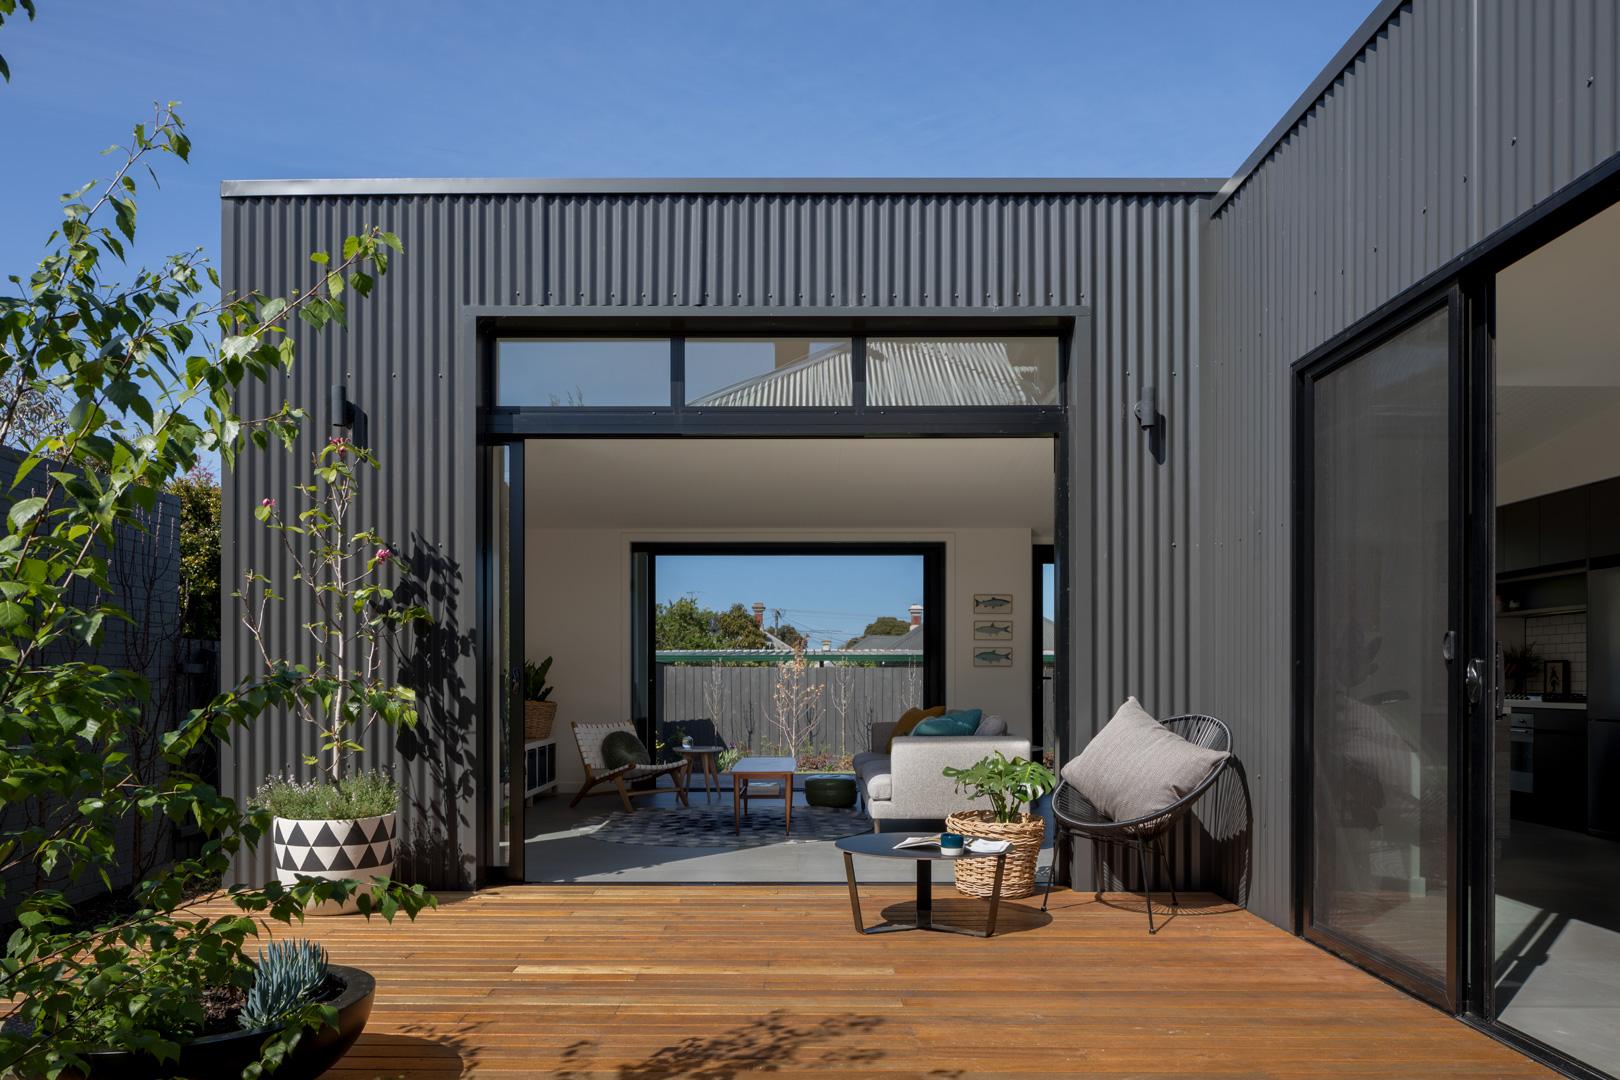 archiblox brunswick house exterior deck